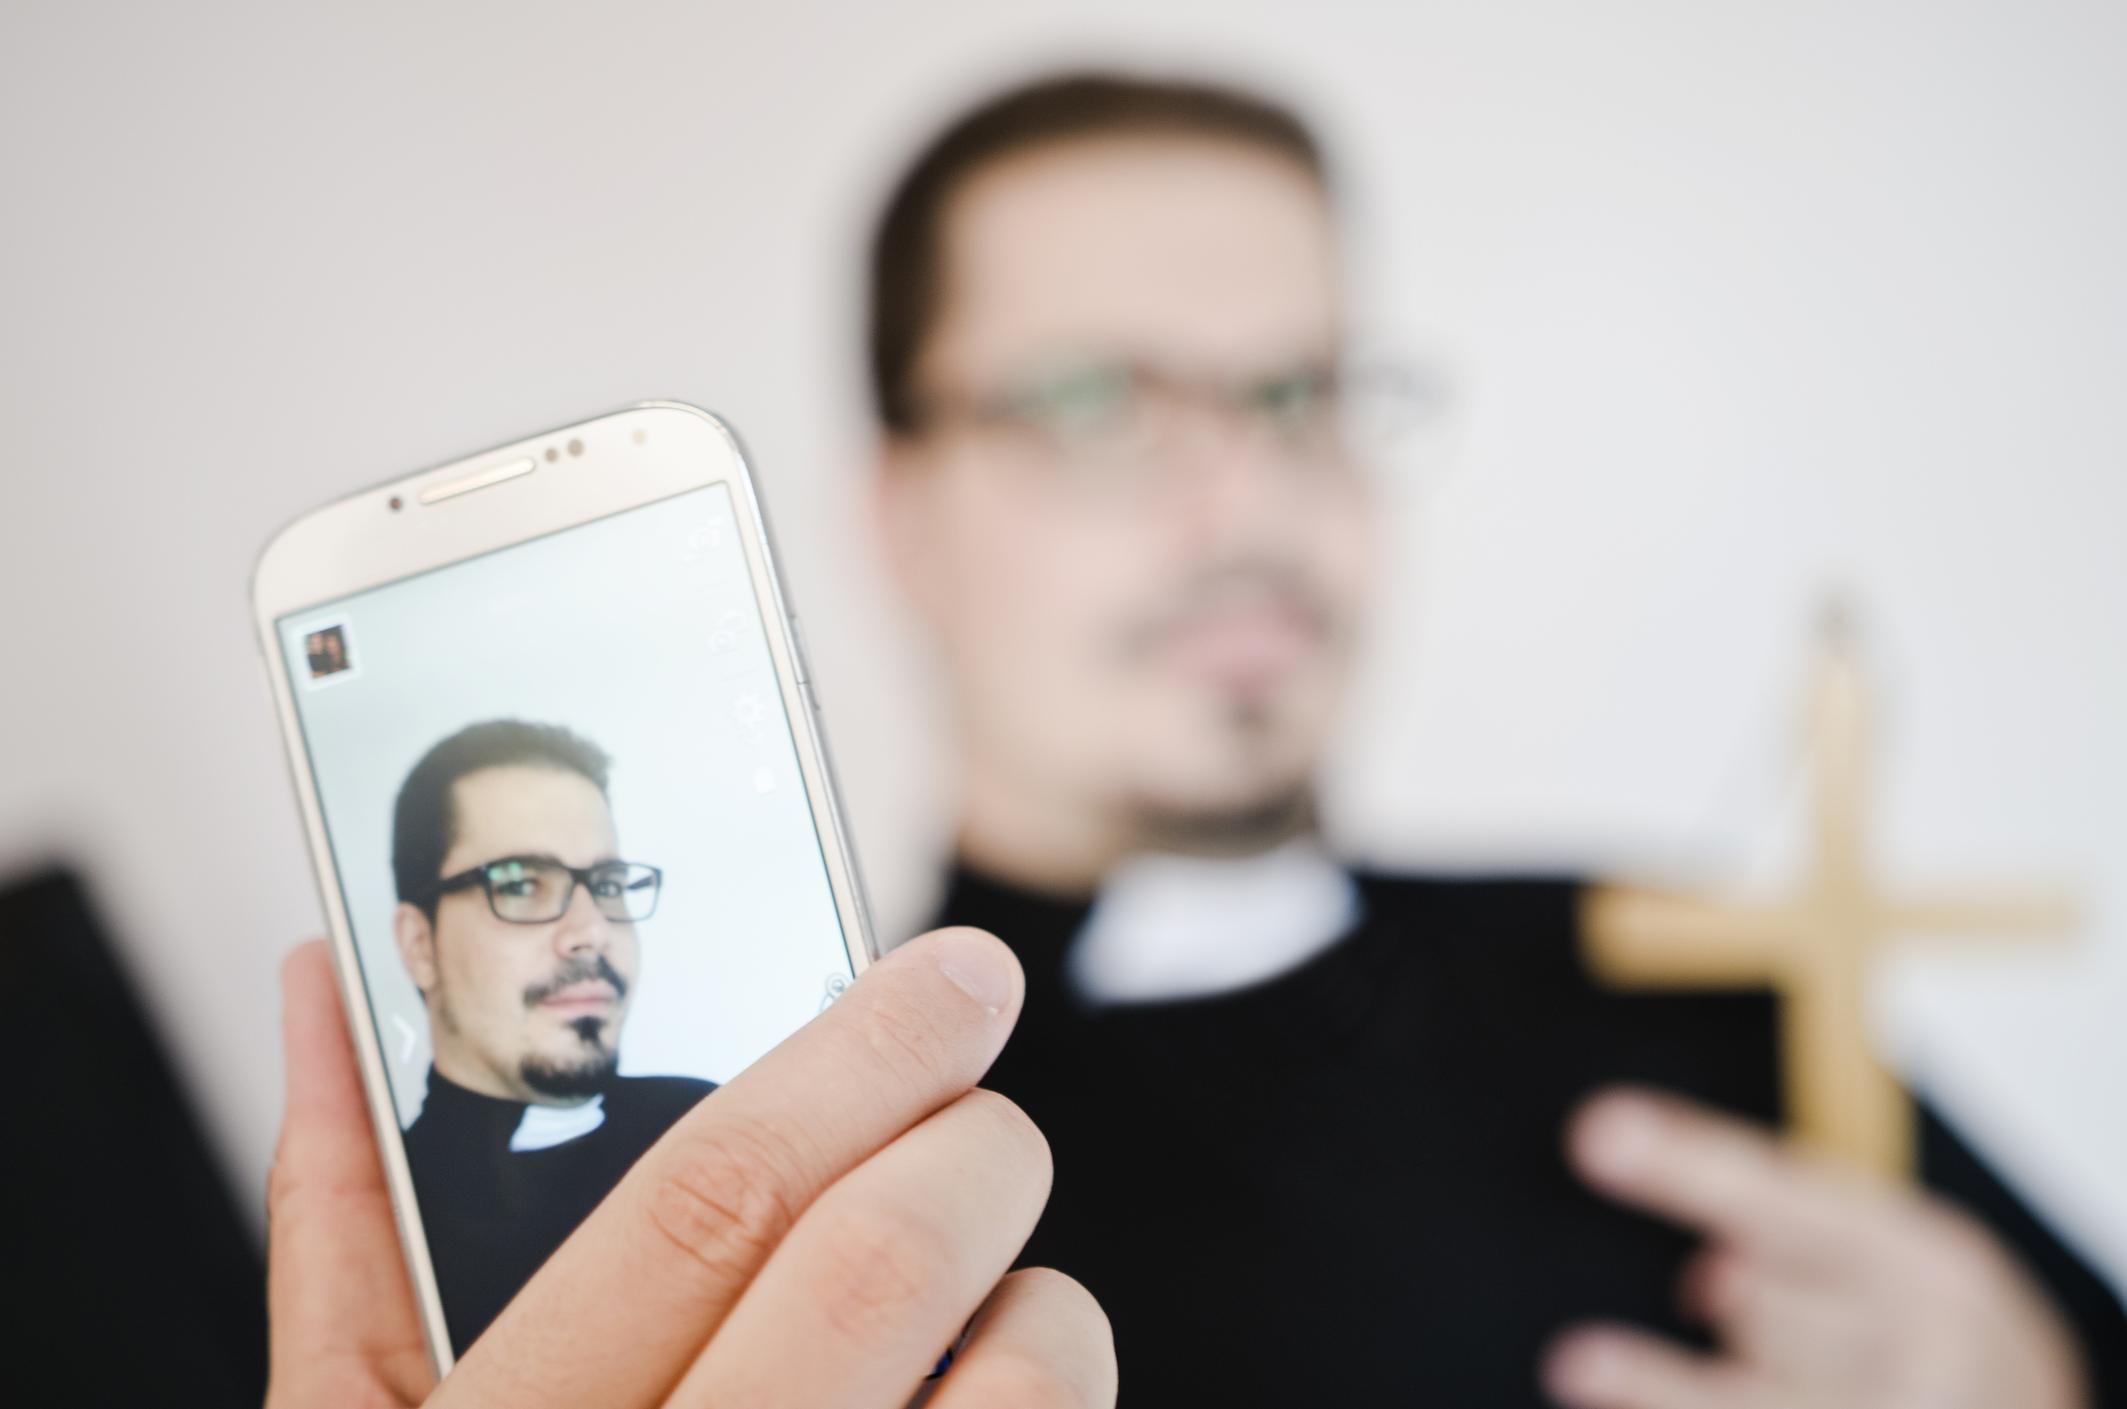 Pappi kuvaa itseään älypuhelimella.